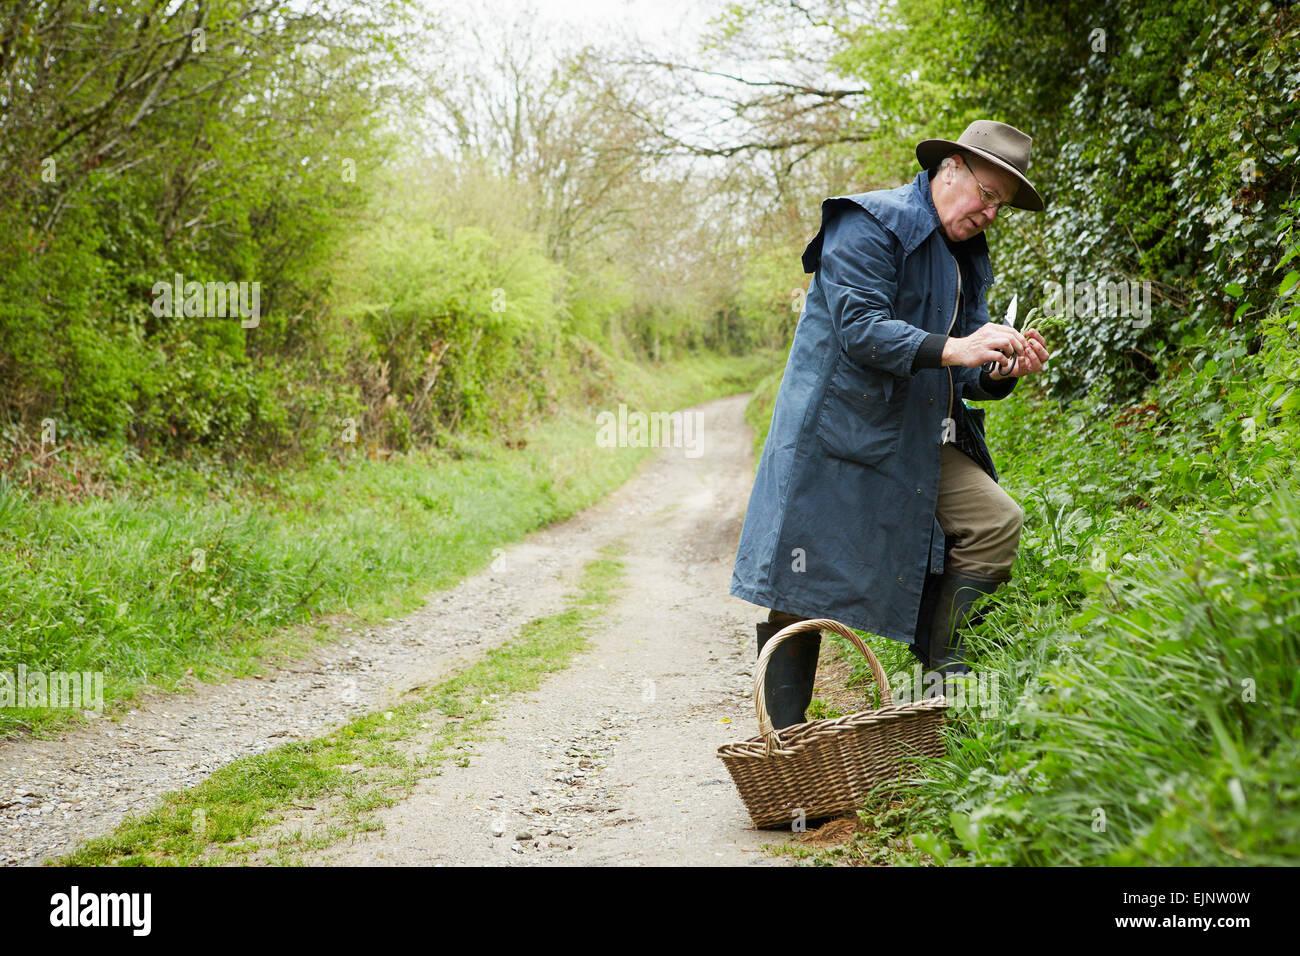 Un homme dans un long manteau et bottes à la recherche de plantes comestibles et savoureuses dans la haie. Photo Stock